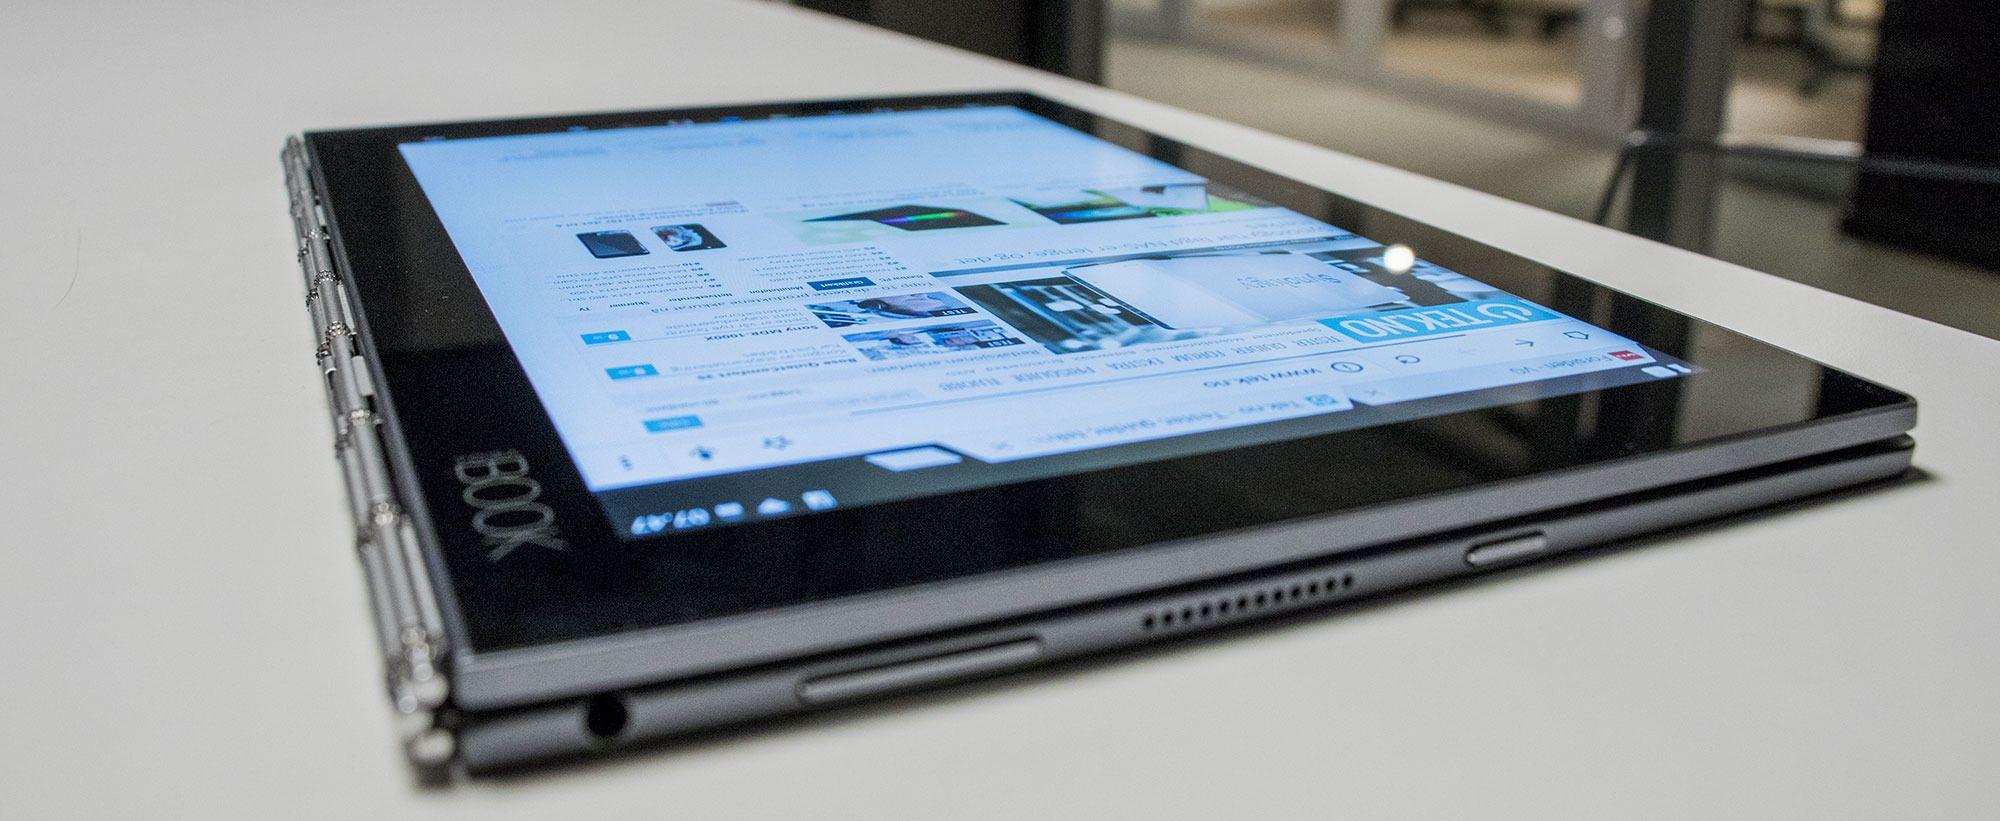 Du kan folde Yoga Book sammen, slik at den fungerer som et nettbrett. Låser du skjermen kan det snus rundt og lagre det du skriver på tegnebrettet i stedet. Den løsningen forutsetter at du bruker papirblokken som hører til.